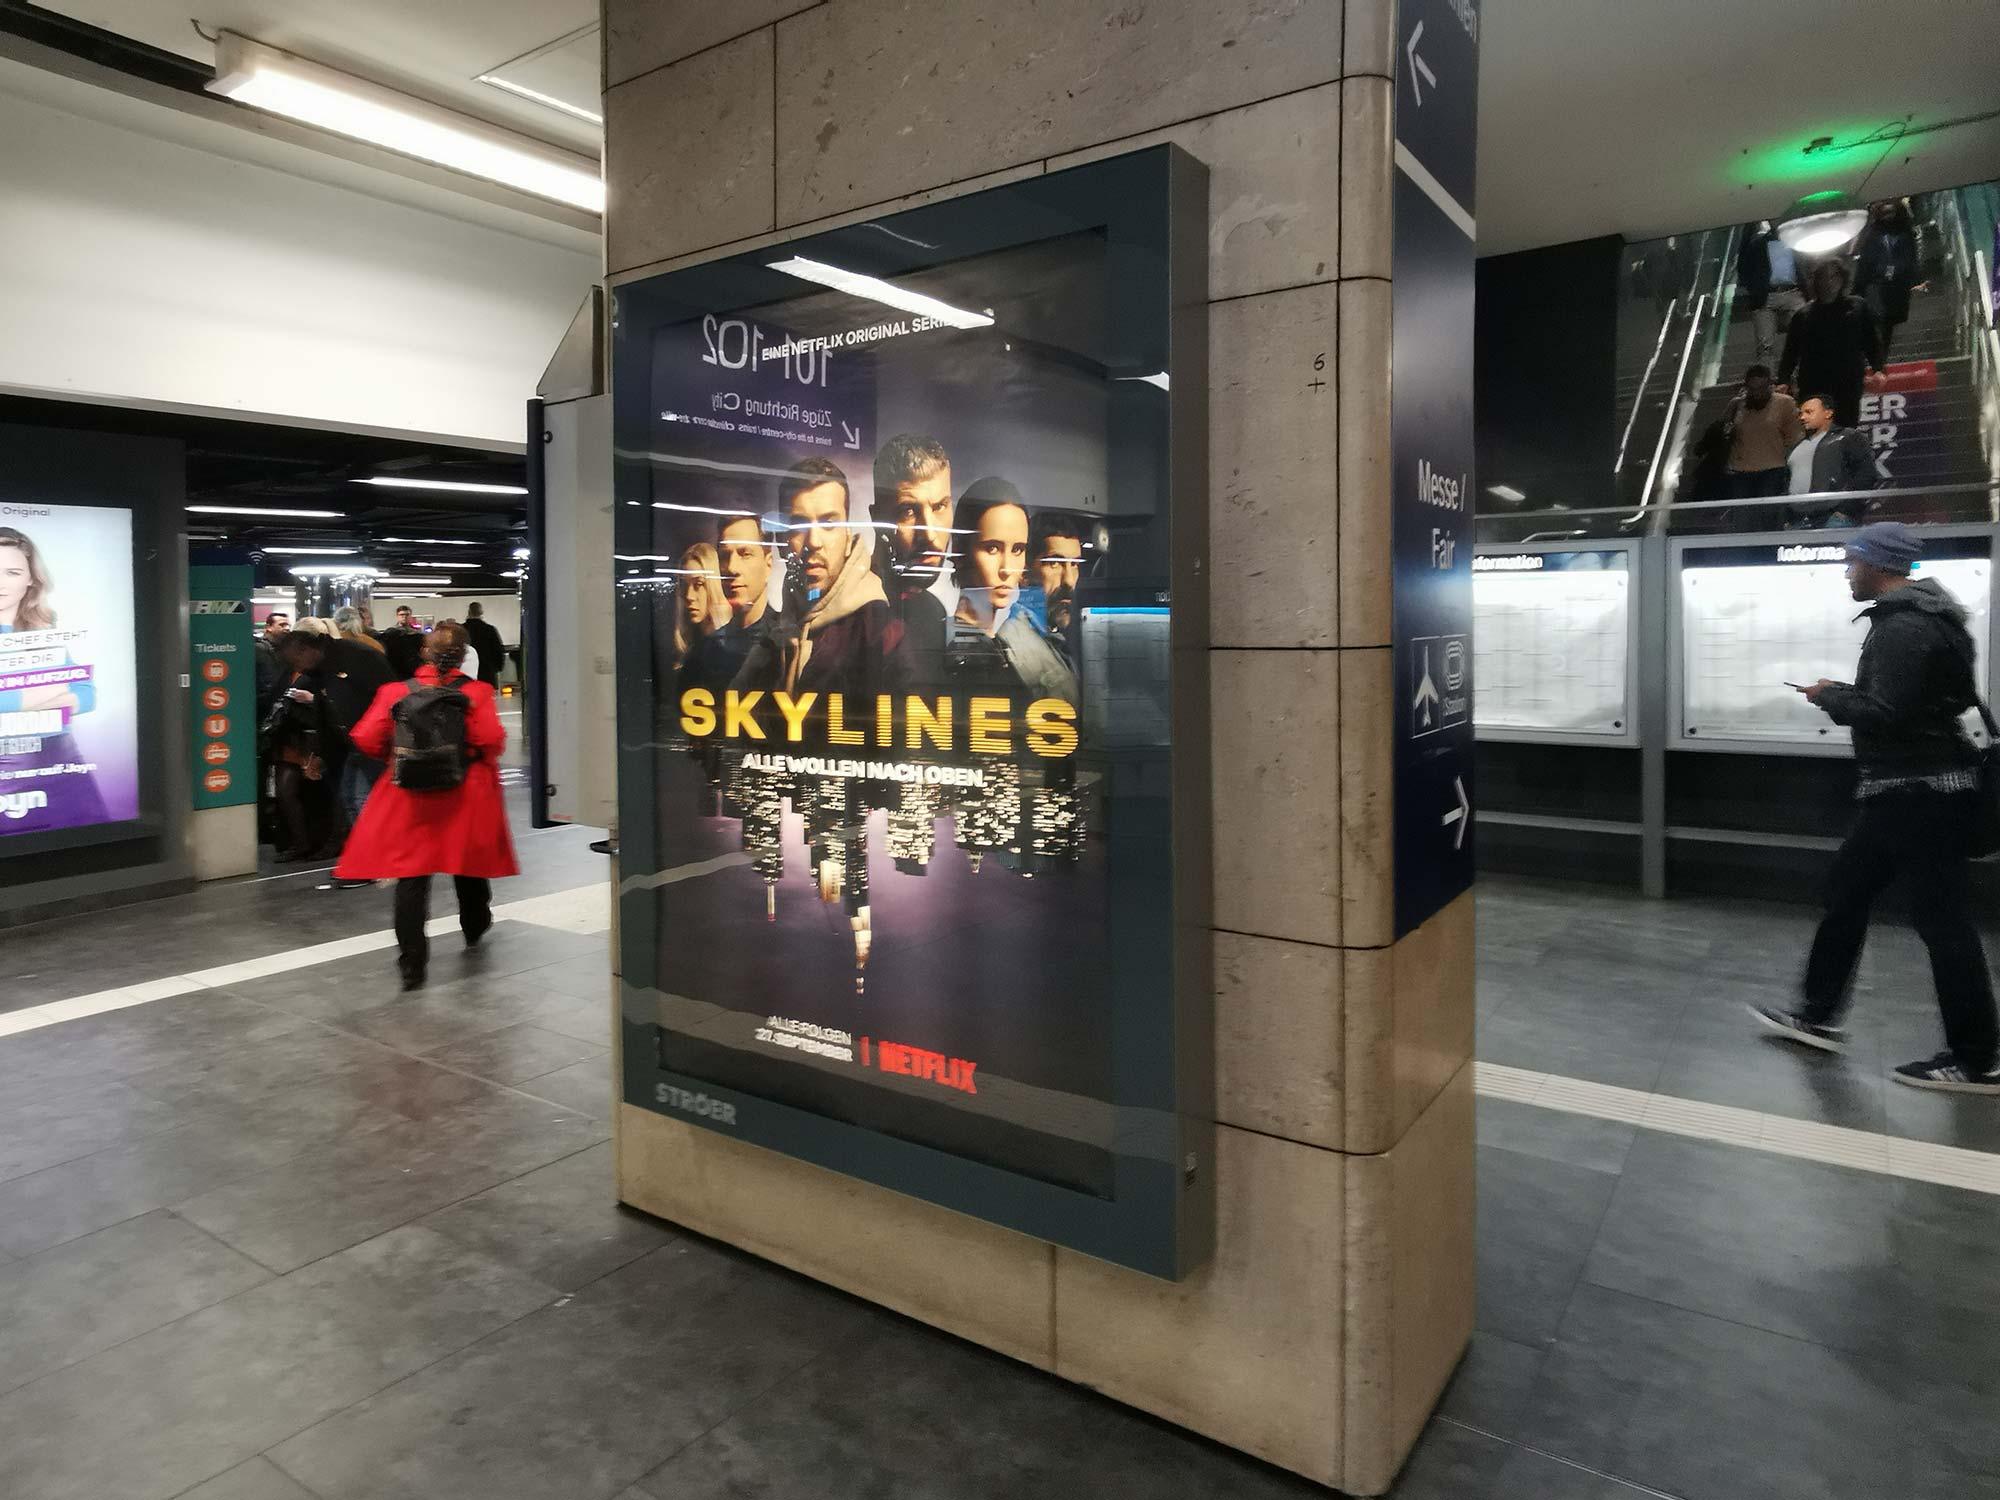 Skylines - Alle wollen nach oben - Werbung im Hauptbahnhof Frankfurt für die Netflix-TV-Serie